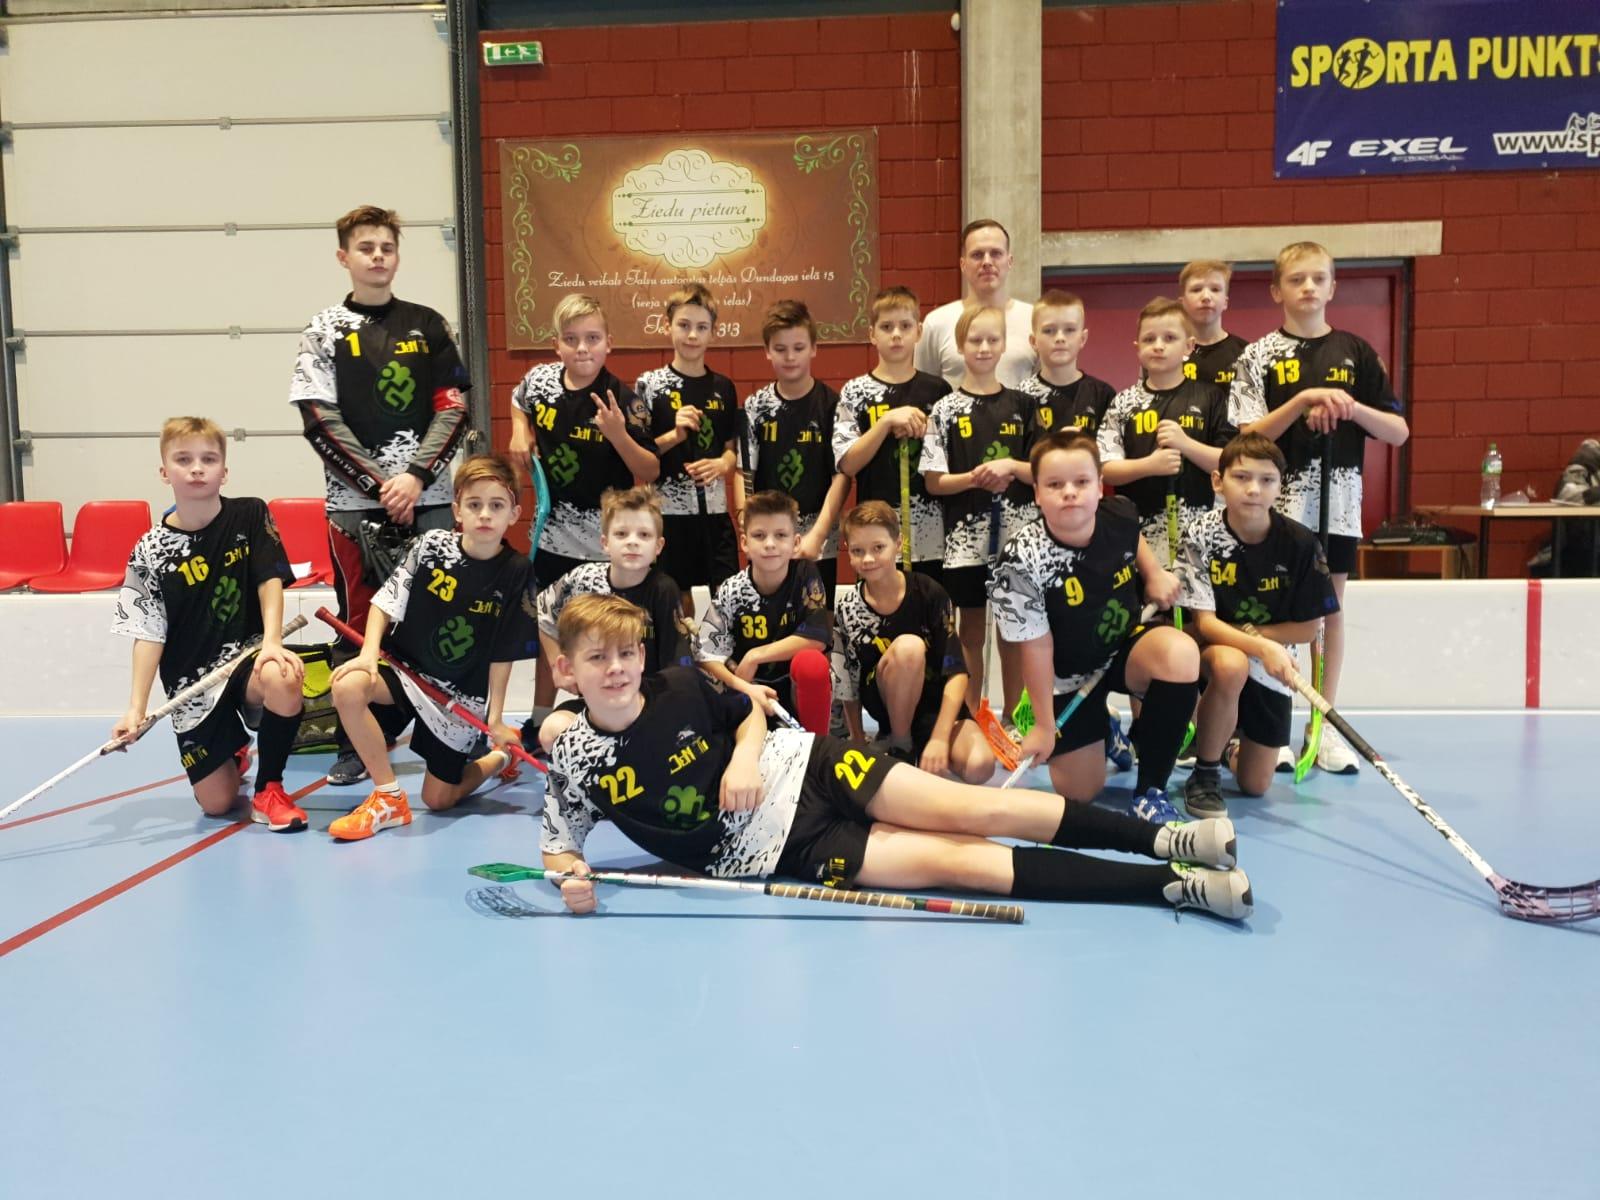 Turpinās Latvijas 26. čempionāts florbolā U12 grupai